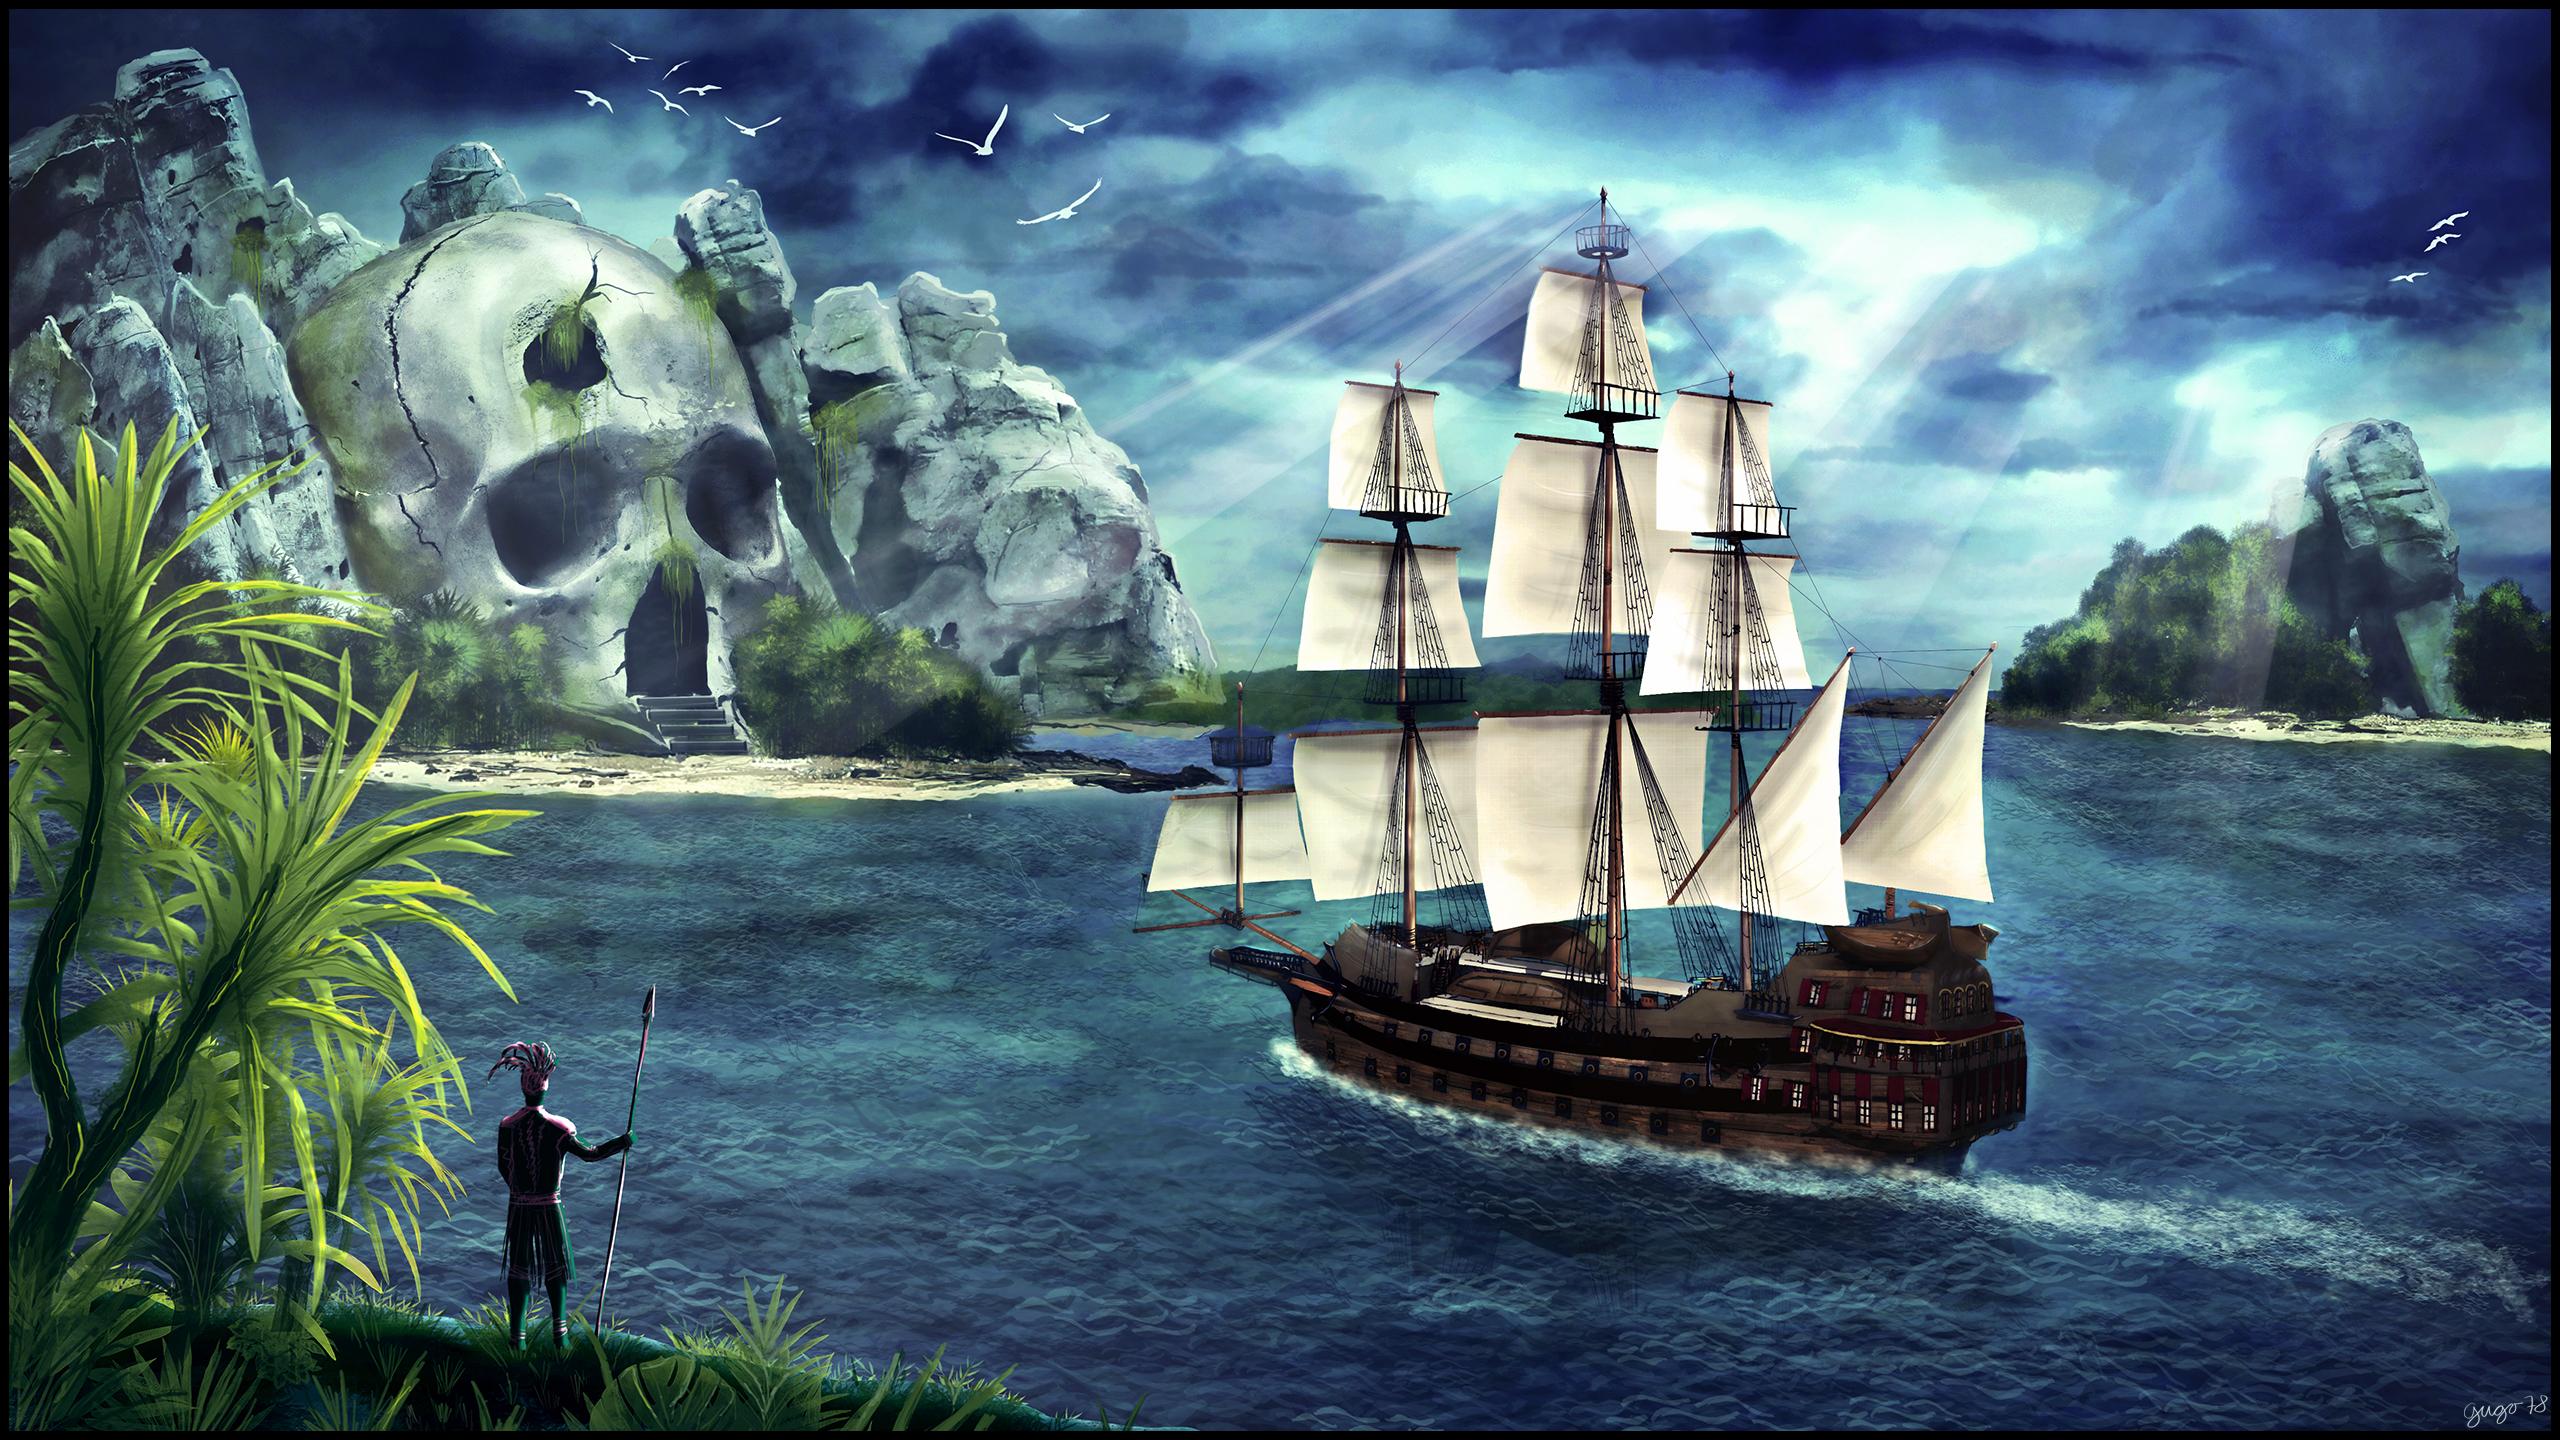 пираты карибского моря 5 обои на рабочий стол 1280х1024 № 220599 загрузить